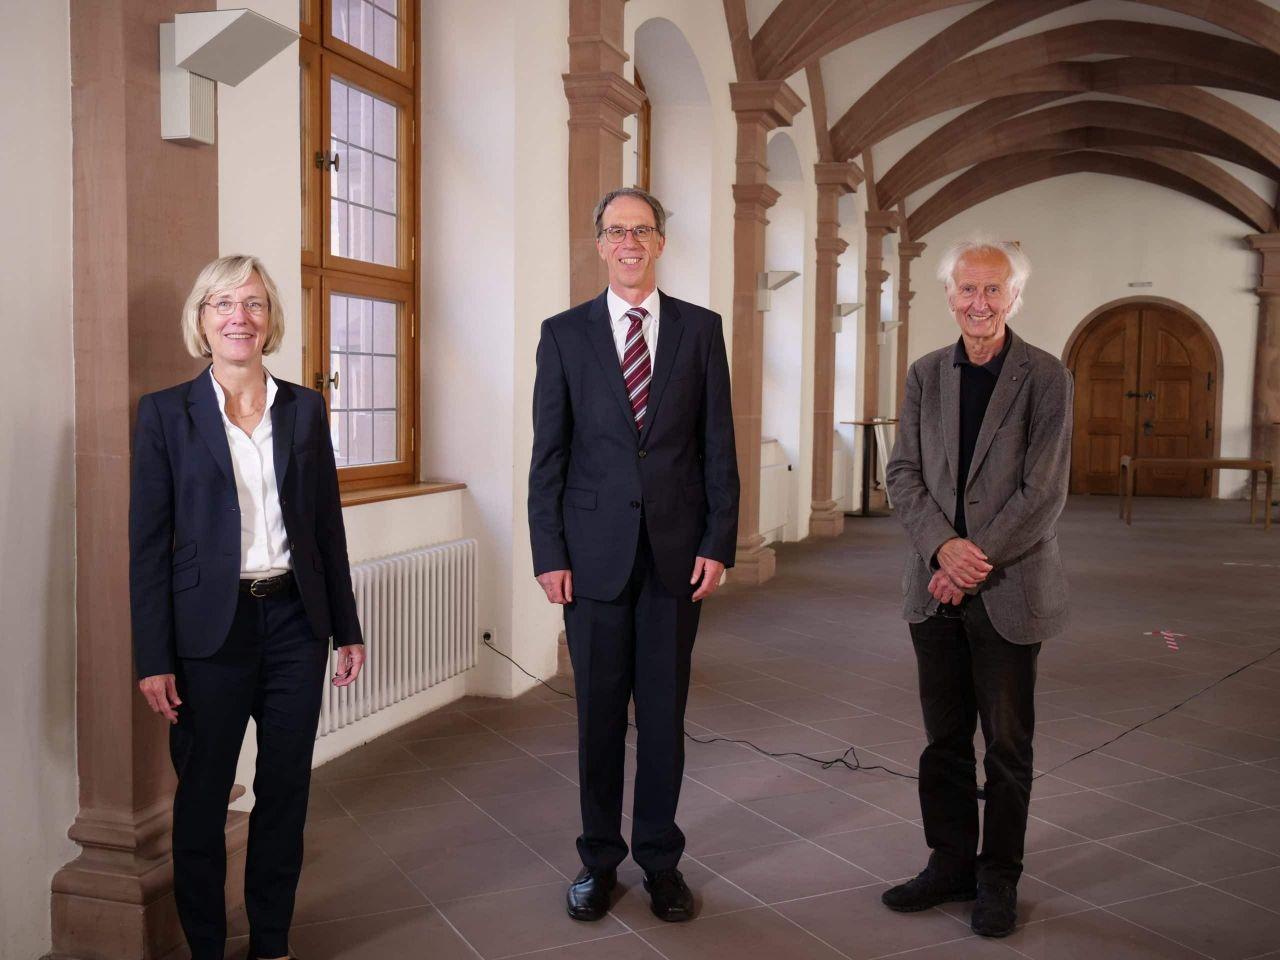 """Paul Pauli und das """"Wir-Gefühl"""": Neuer Präsident der Universität Würzburg"""